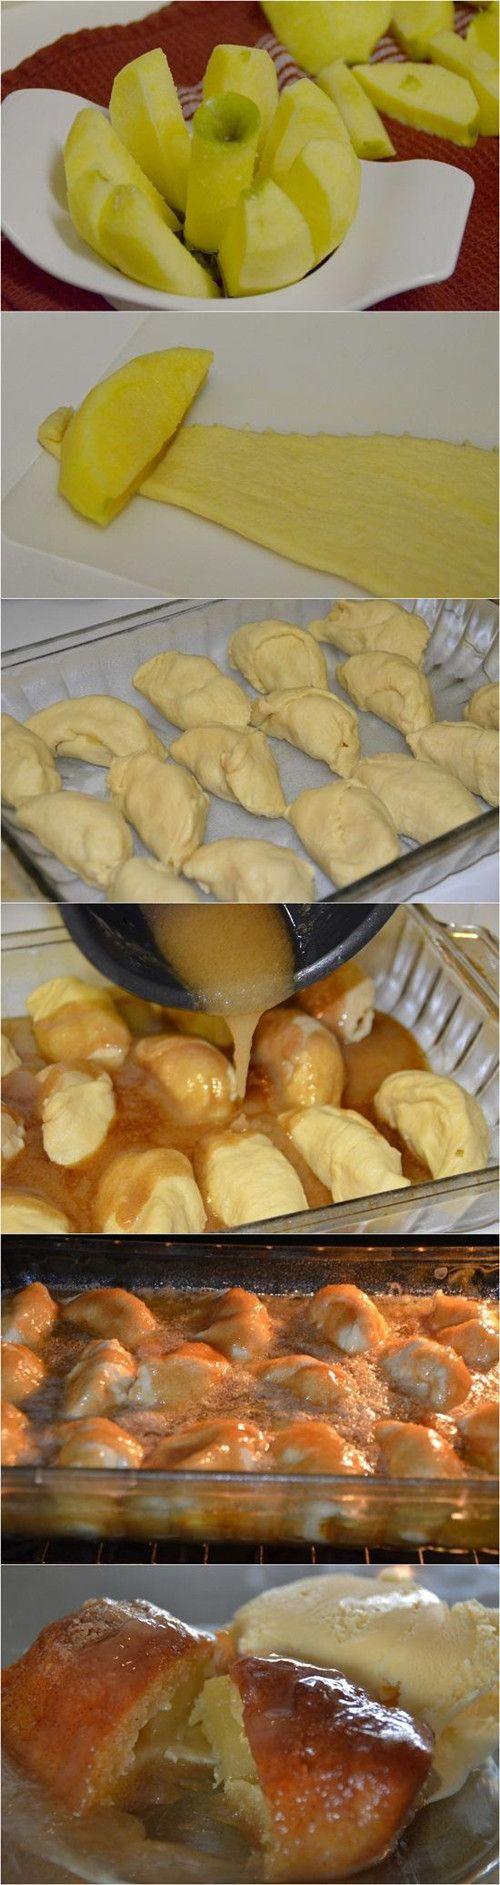 Southern Apple Dumplings - Joybx